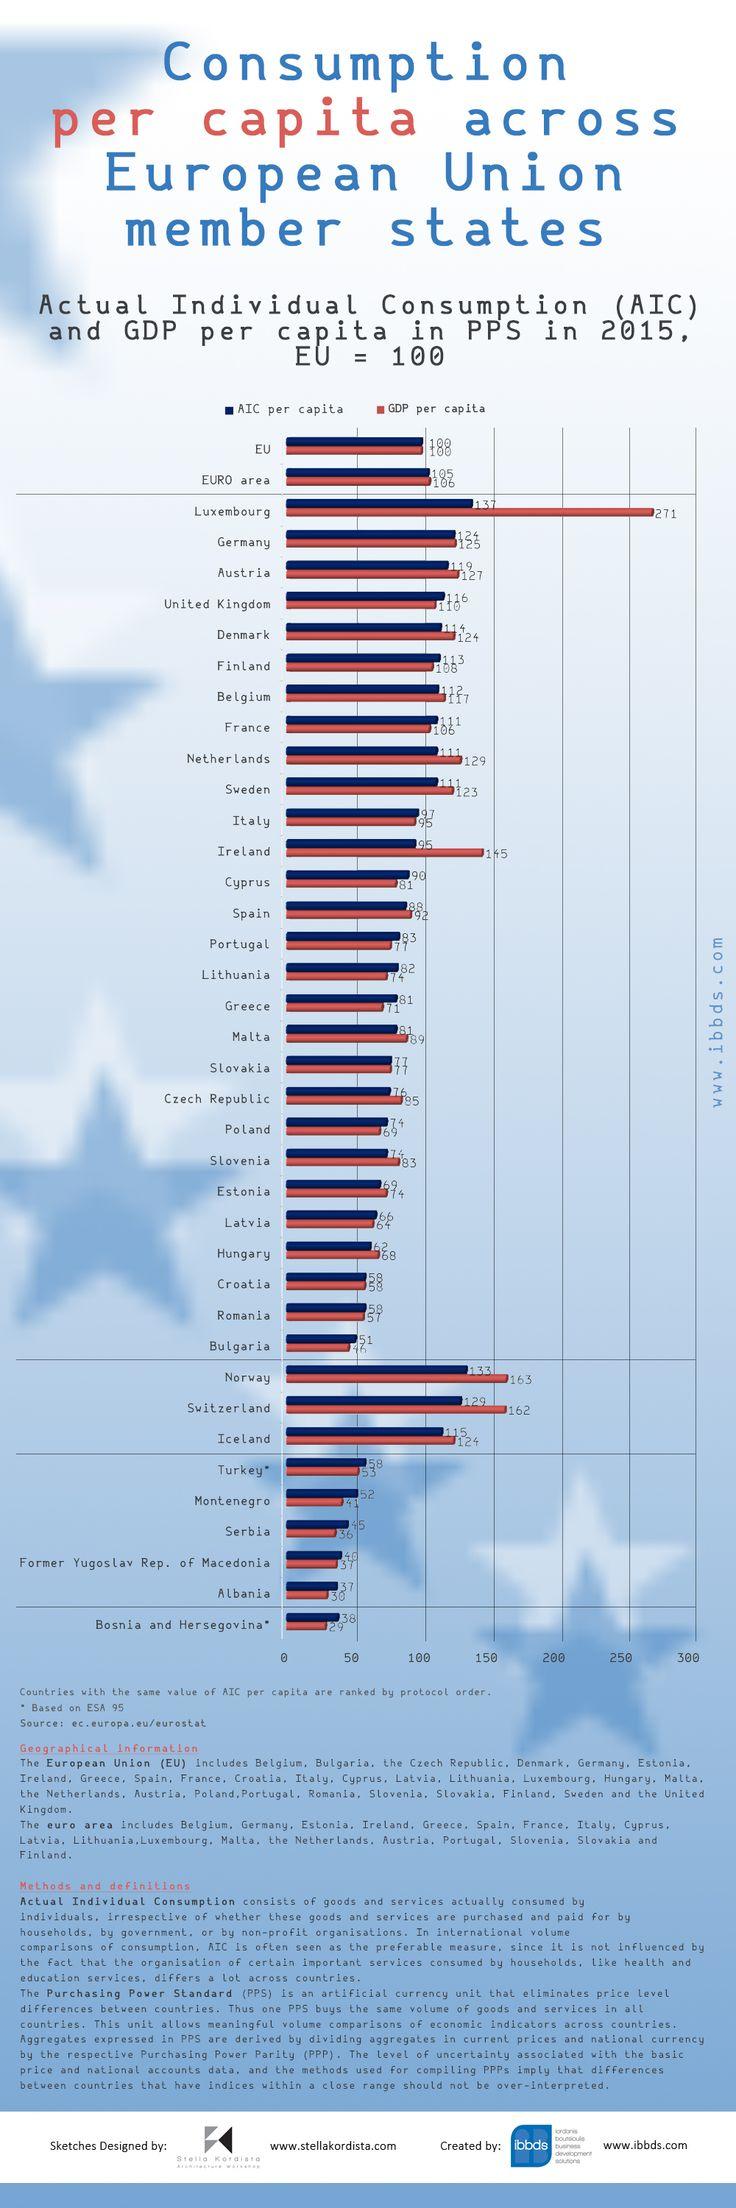 #Consumption #Per #Capita #Across #European #Union #Member #States #Infographic